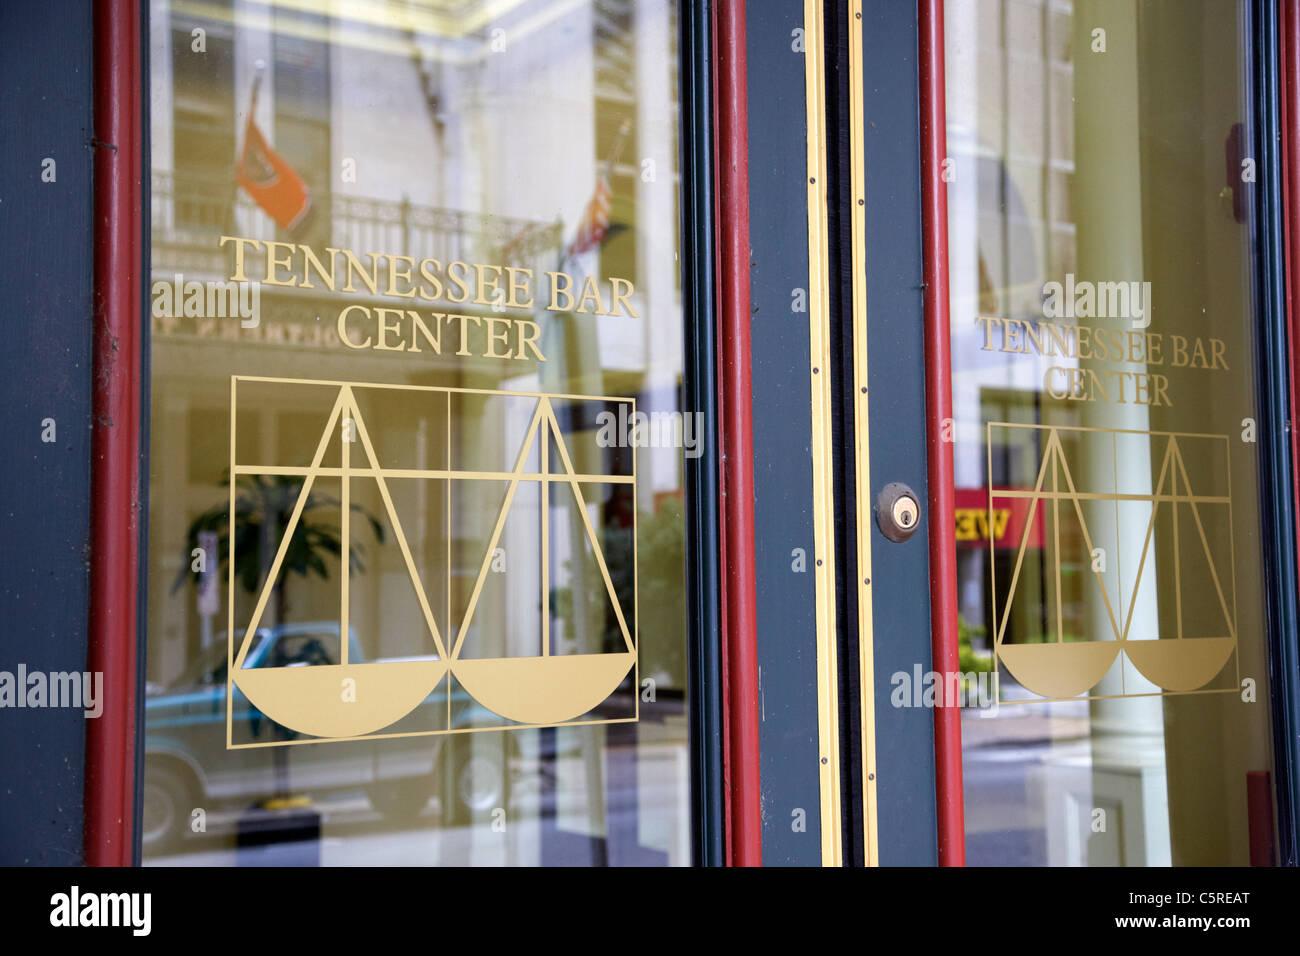 Tennessee bar centro porte logo Nashville Tennessee USA Immagini Stock